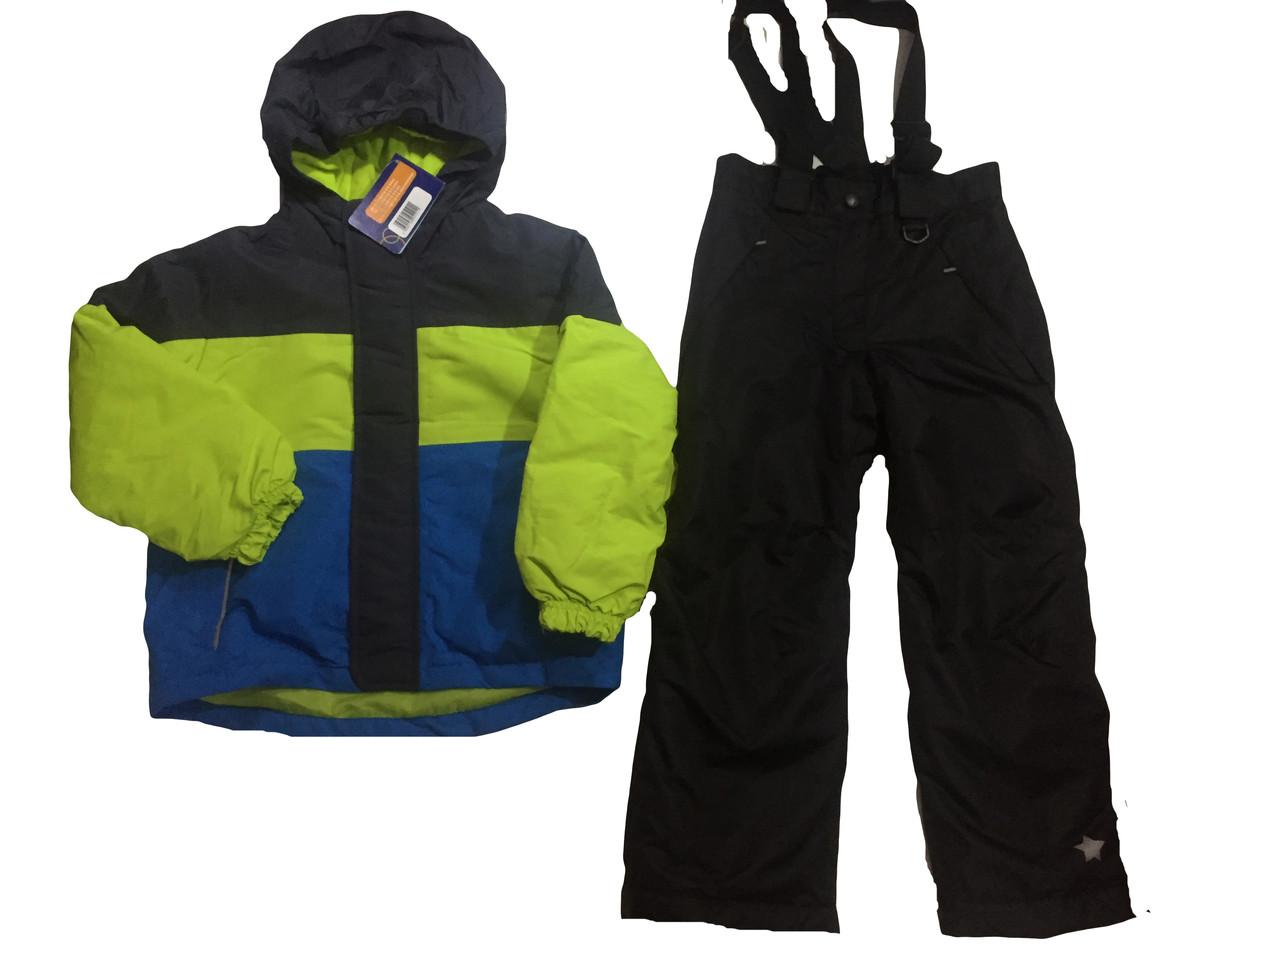 Лыжный костюм для мальчика, Lupilu, размер 110/116 , арт. Л-377